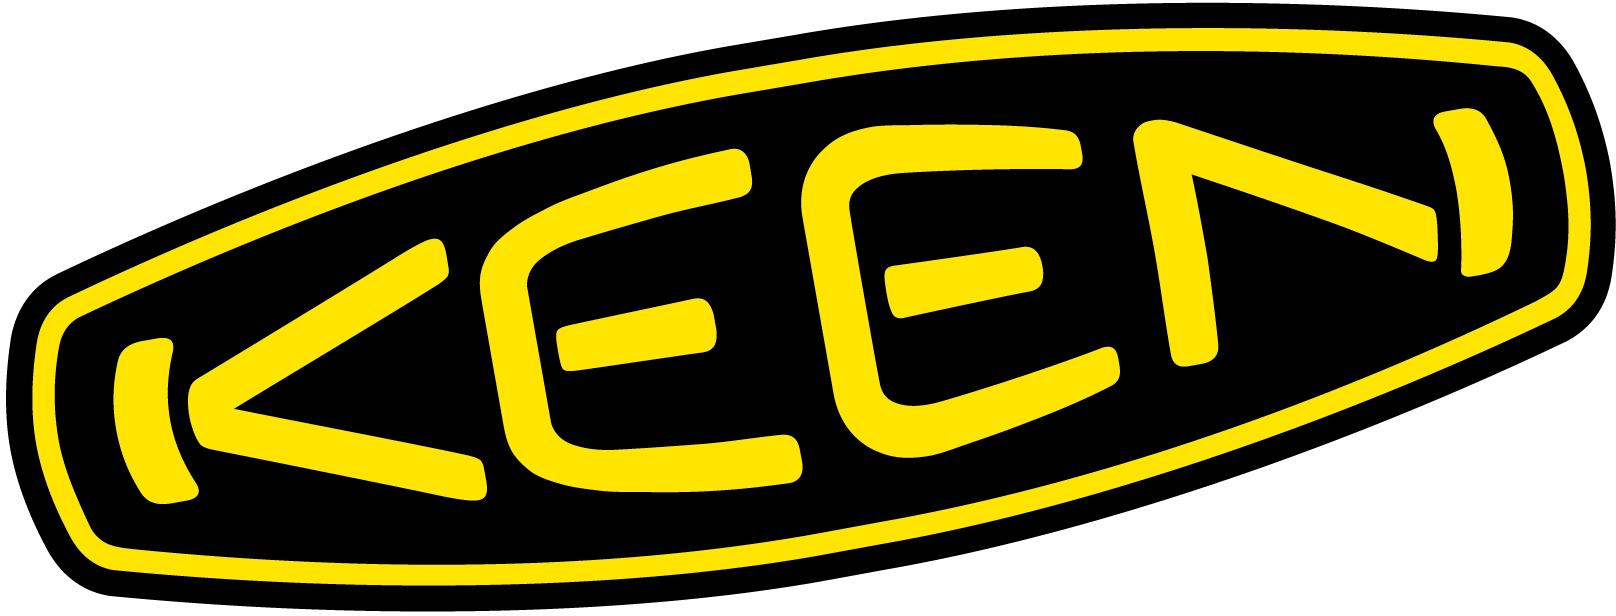 keen_logo_10degrees(2).jpg